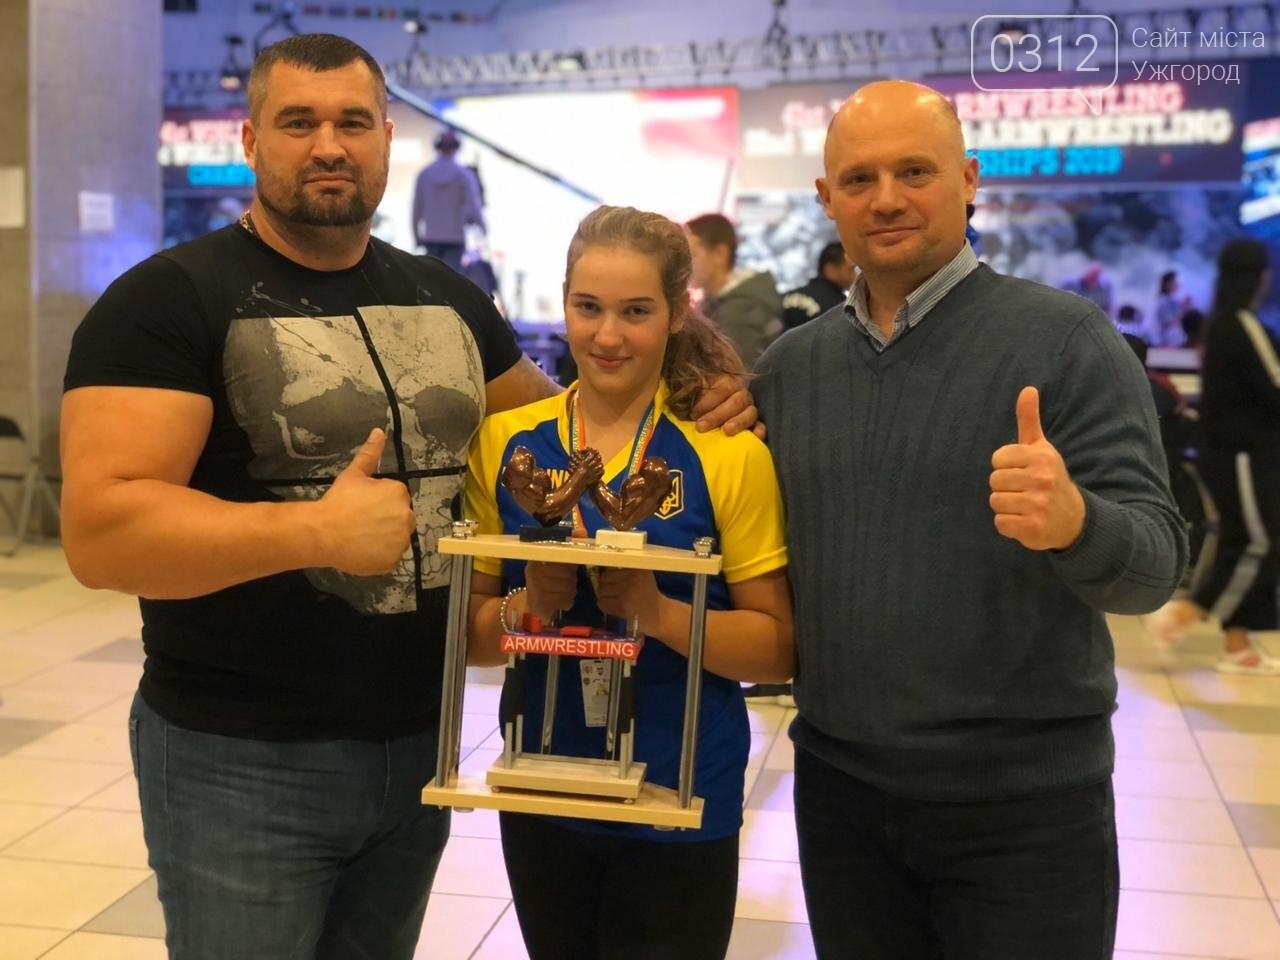 14-річна закарпатка стала Чемпіонкою світу з армрестлінгу (ФОТО) , фото-3